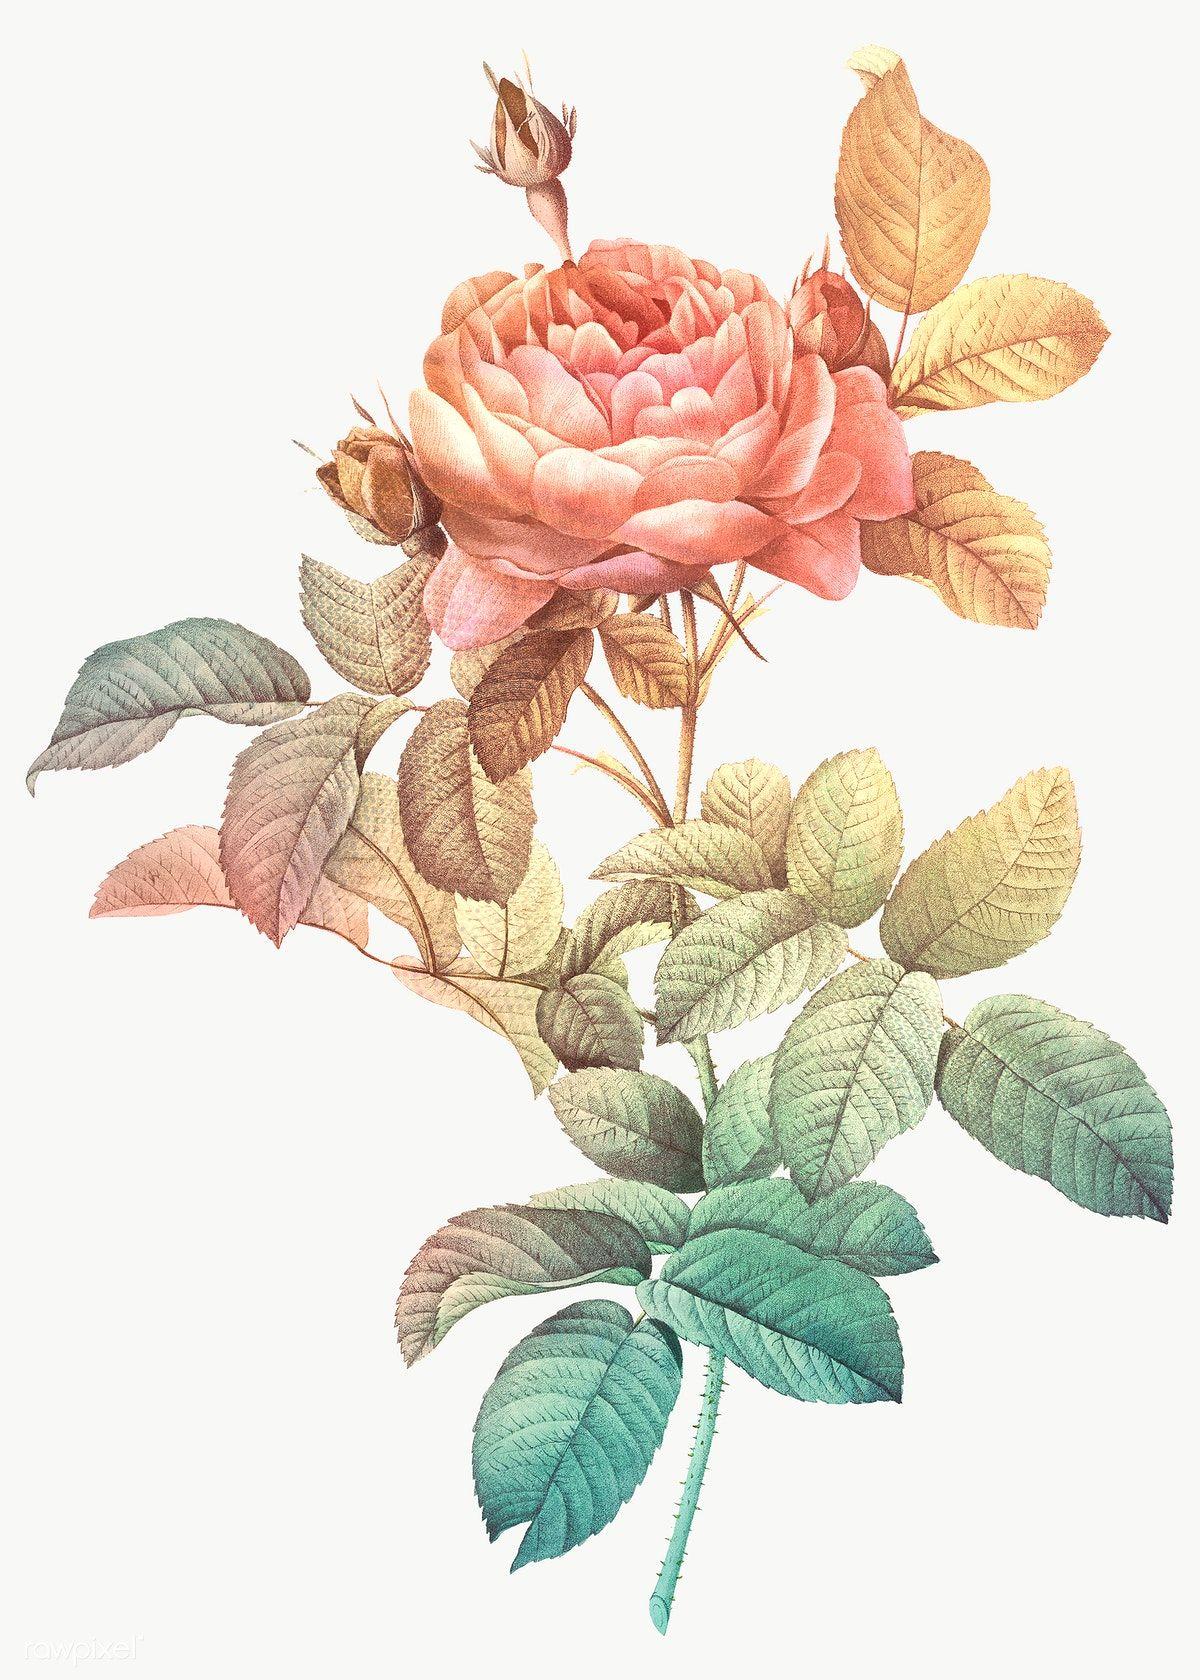 Download Premium Png Of Vintage Rose Illustration Transparent Png Design In 2020 Rose Illustration Vintage Roses Illustration